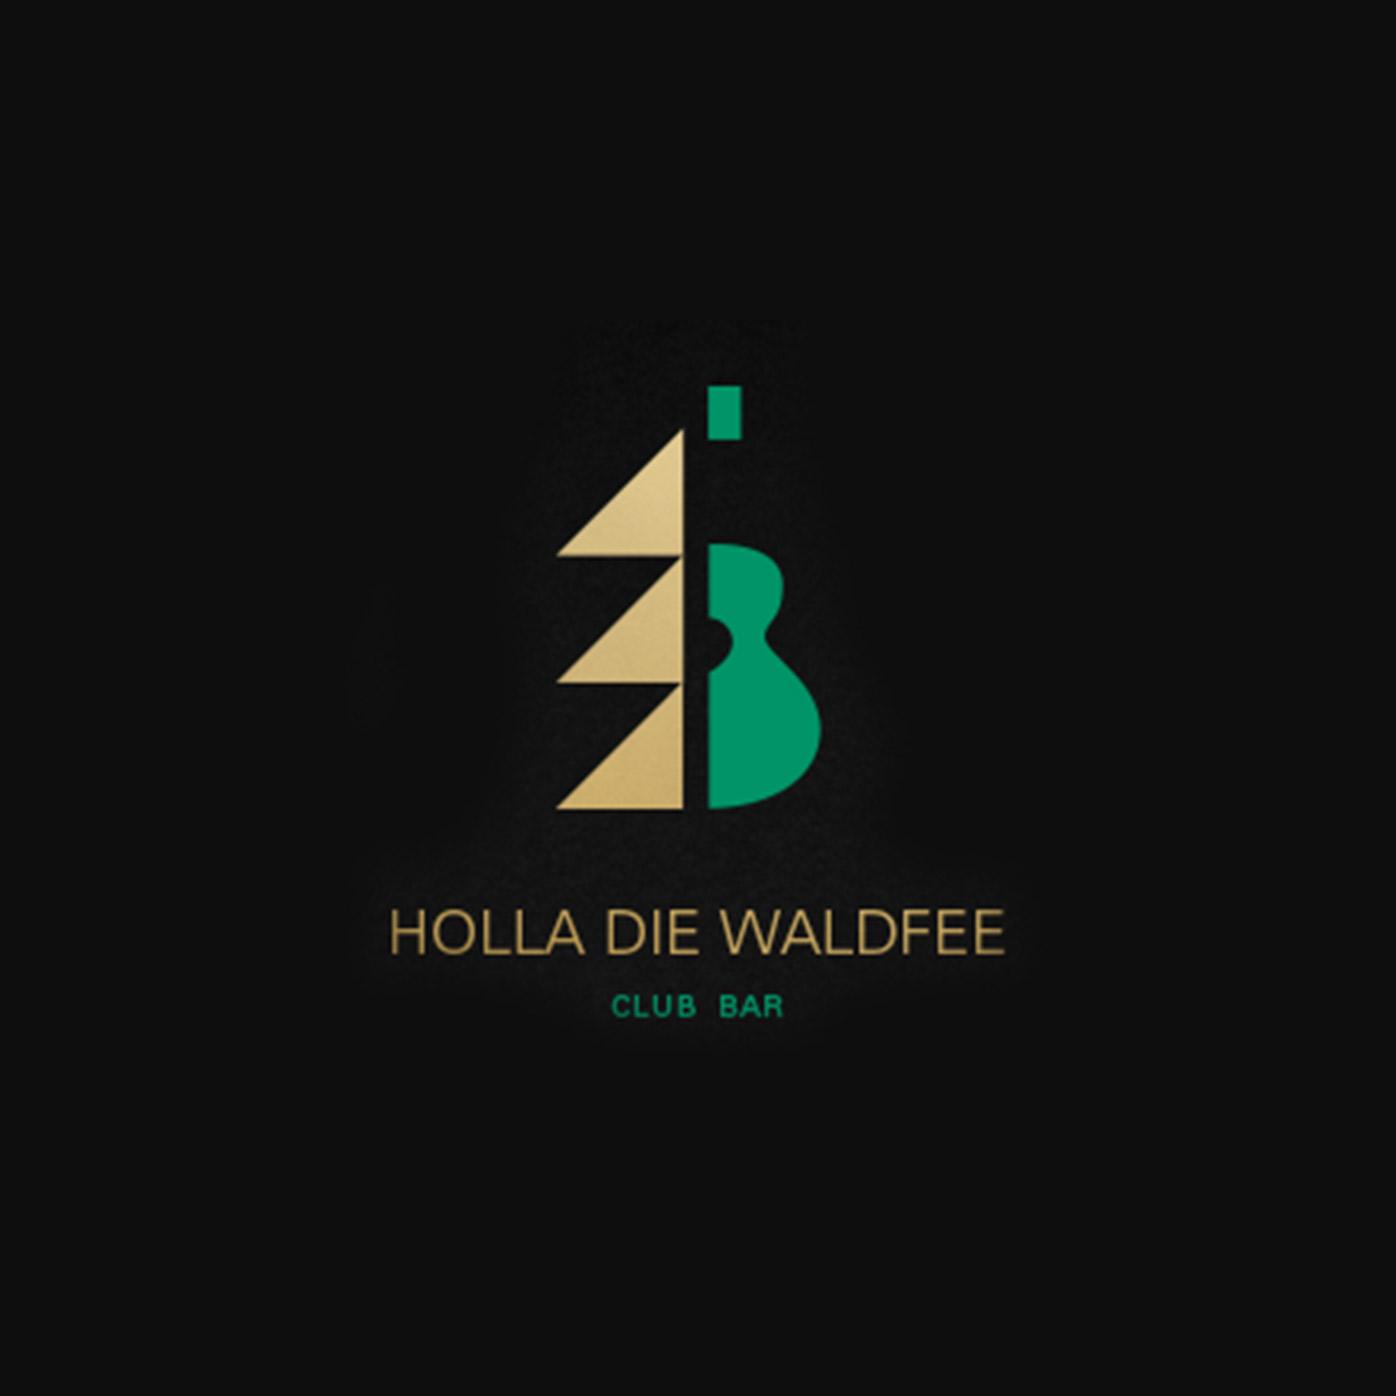 Holla die Waldfee – unsere Bar für Jung und Alt!